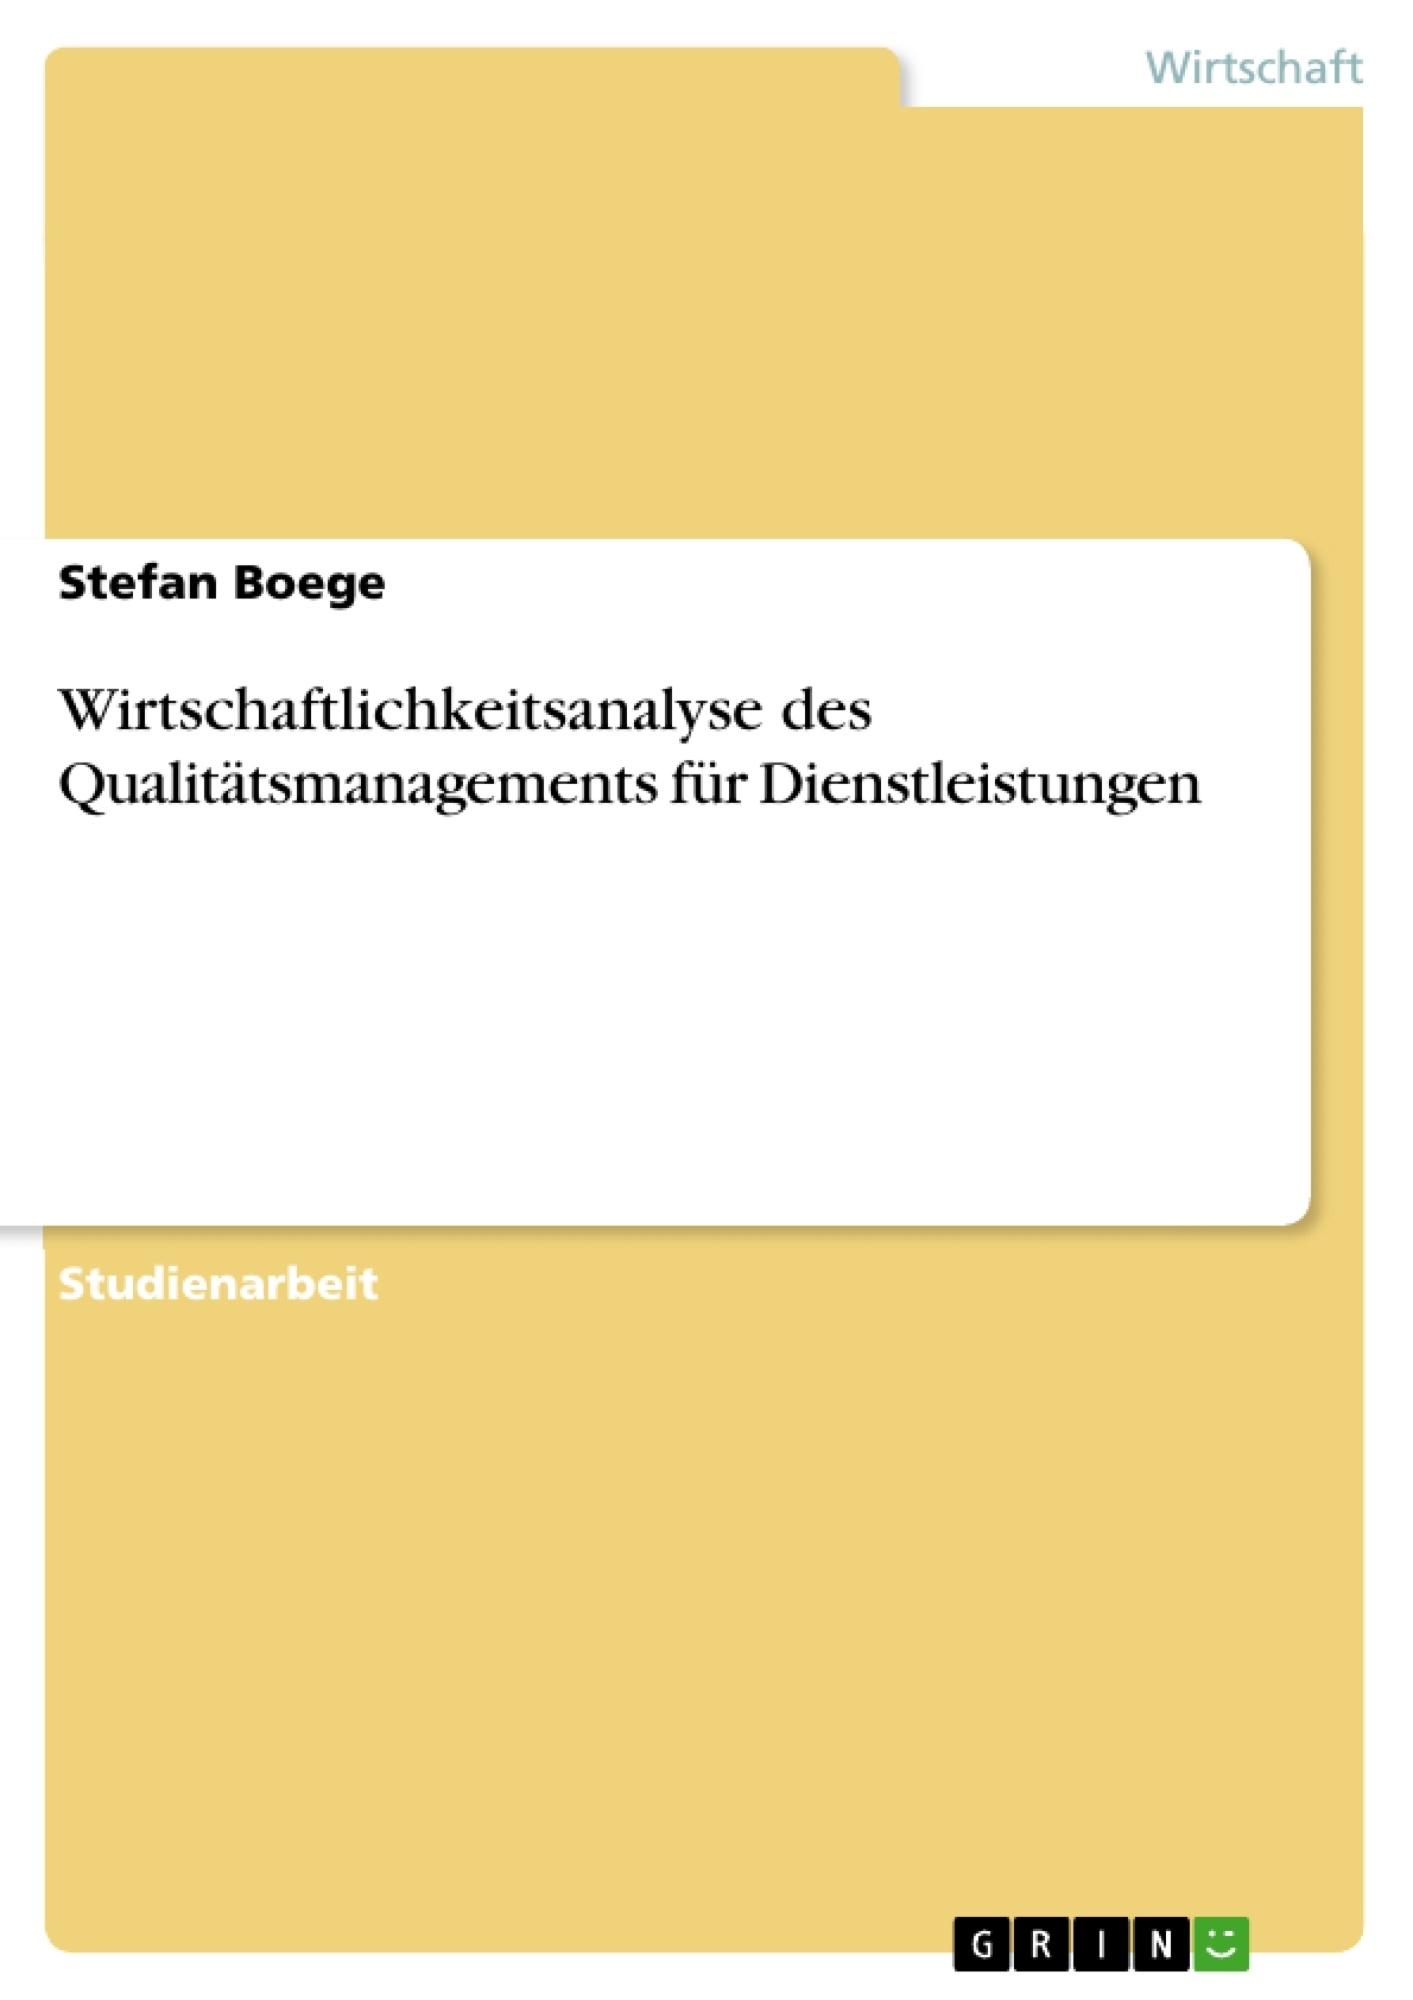 Titel: Wirtschaftlichkeitsanalyse des Qualitätsmanagements für Dienstleistungen